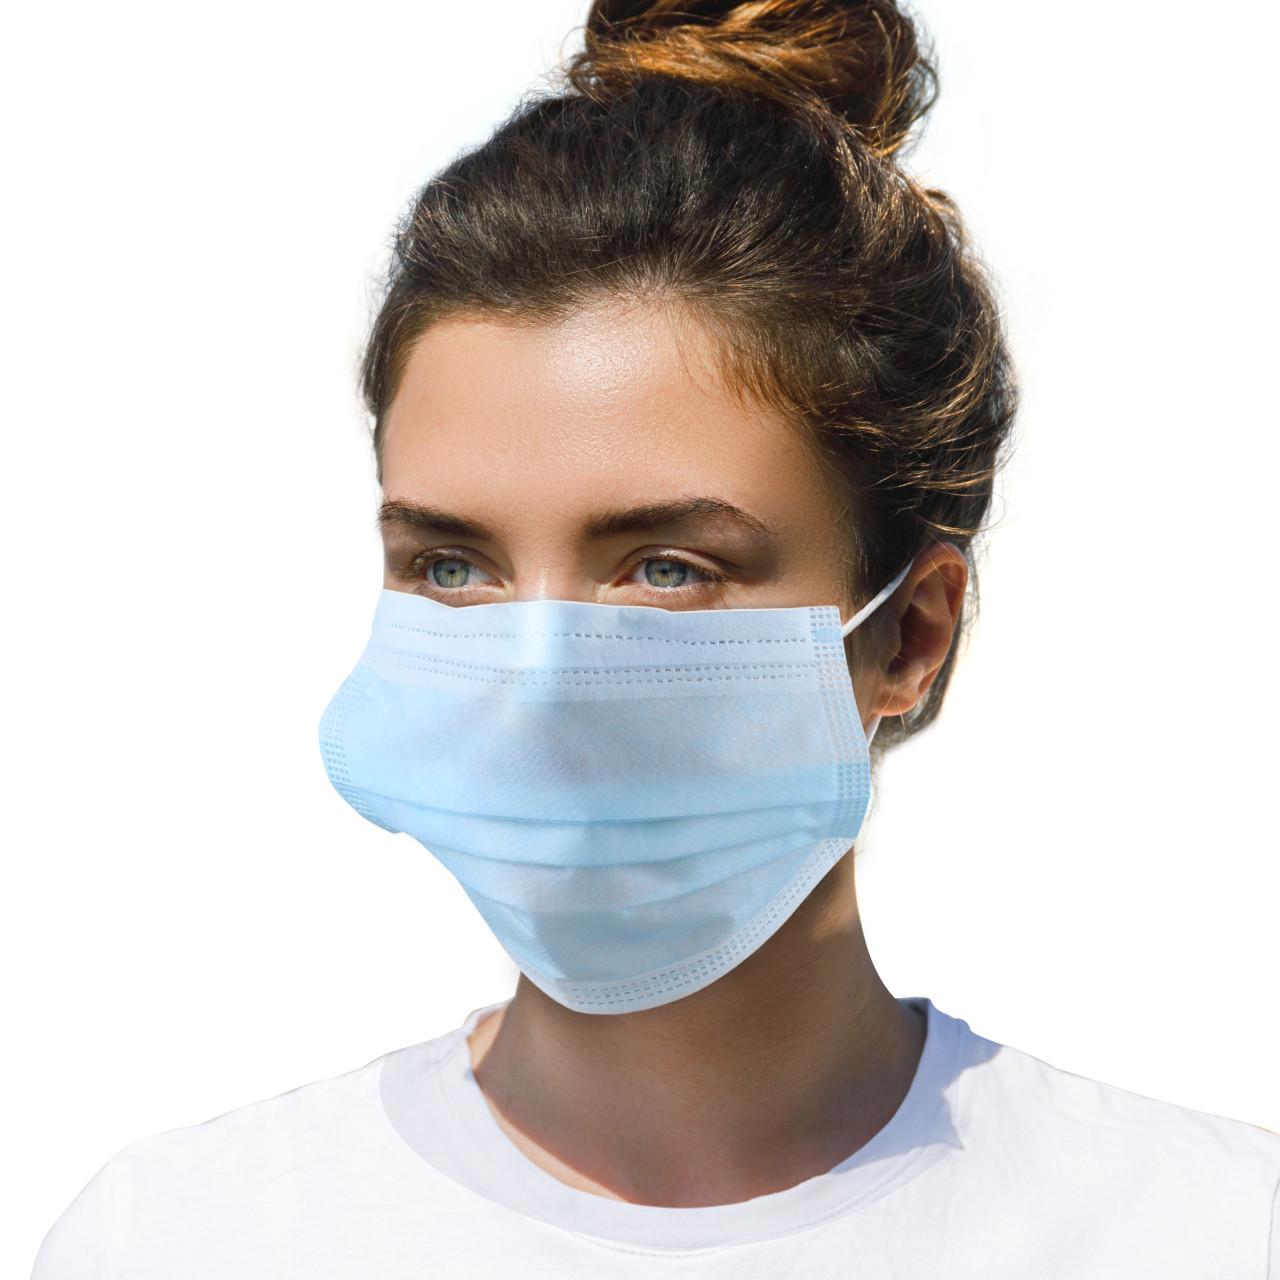 EMCOM 10 x OP-Schutzmaske - Mund- und Nasen-Schutzmaske 3-lagig